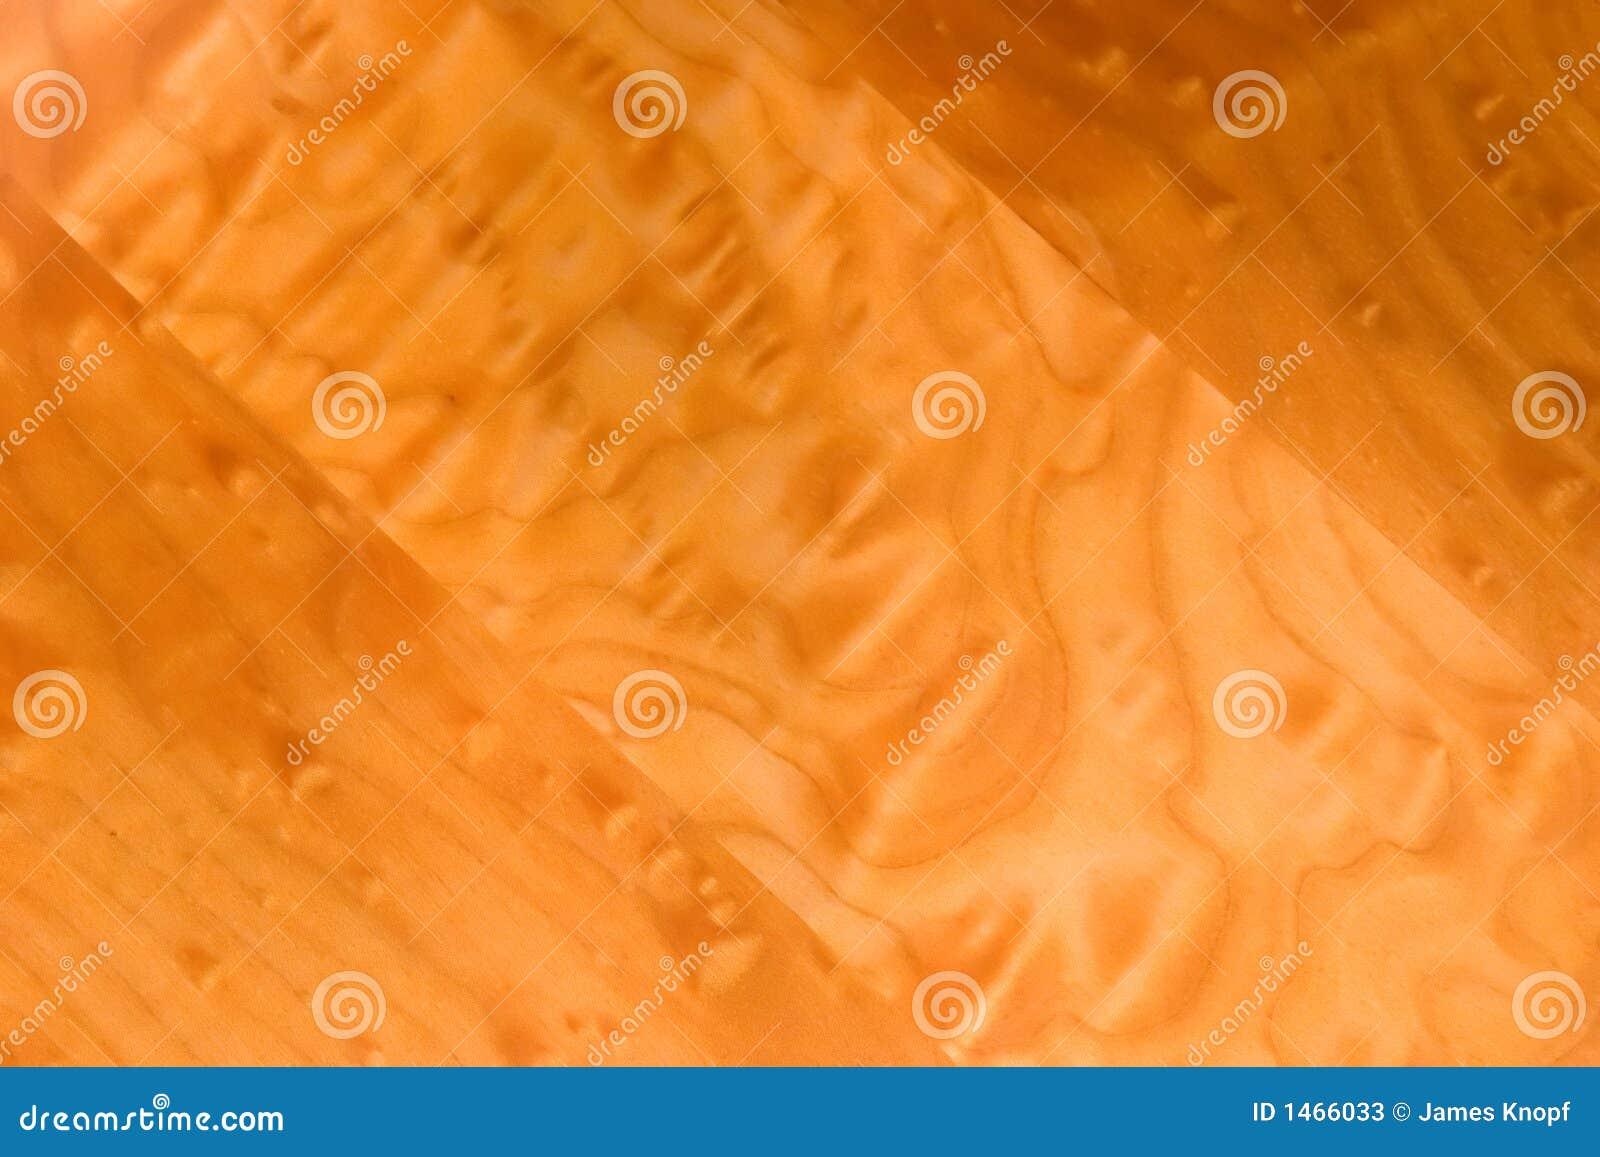 Fundo da madeira da cadeira de balanço do bordo do tigre